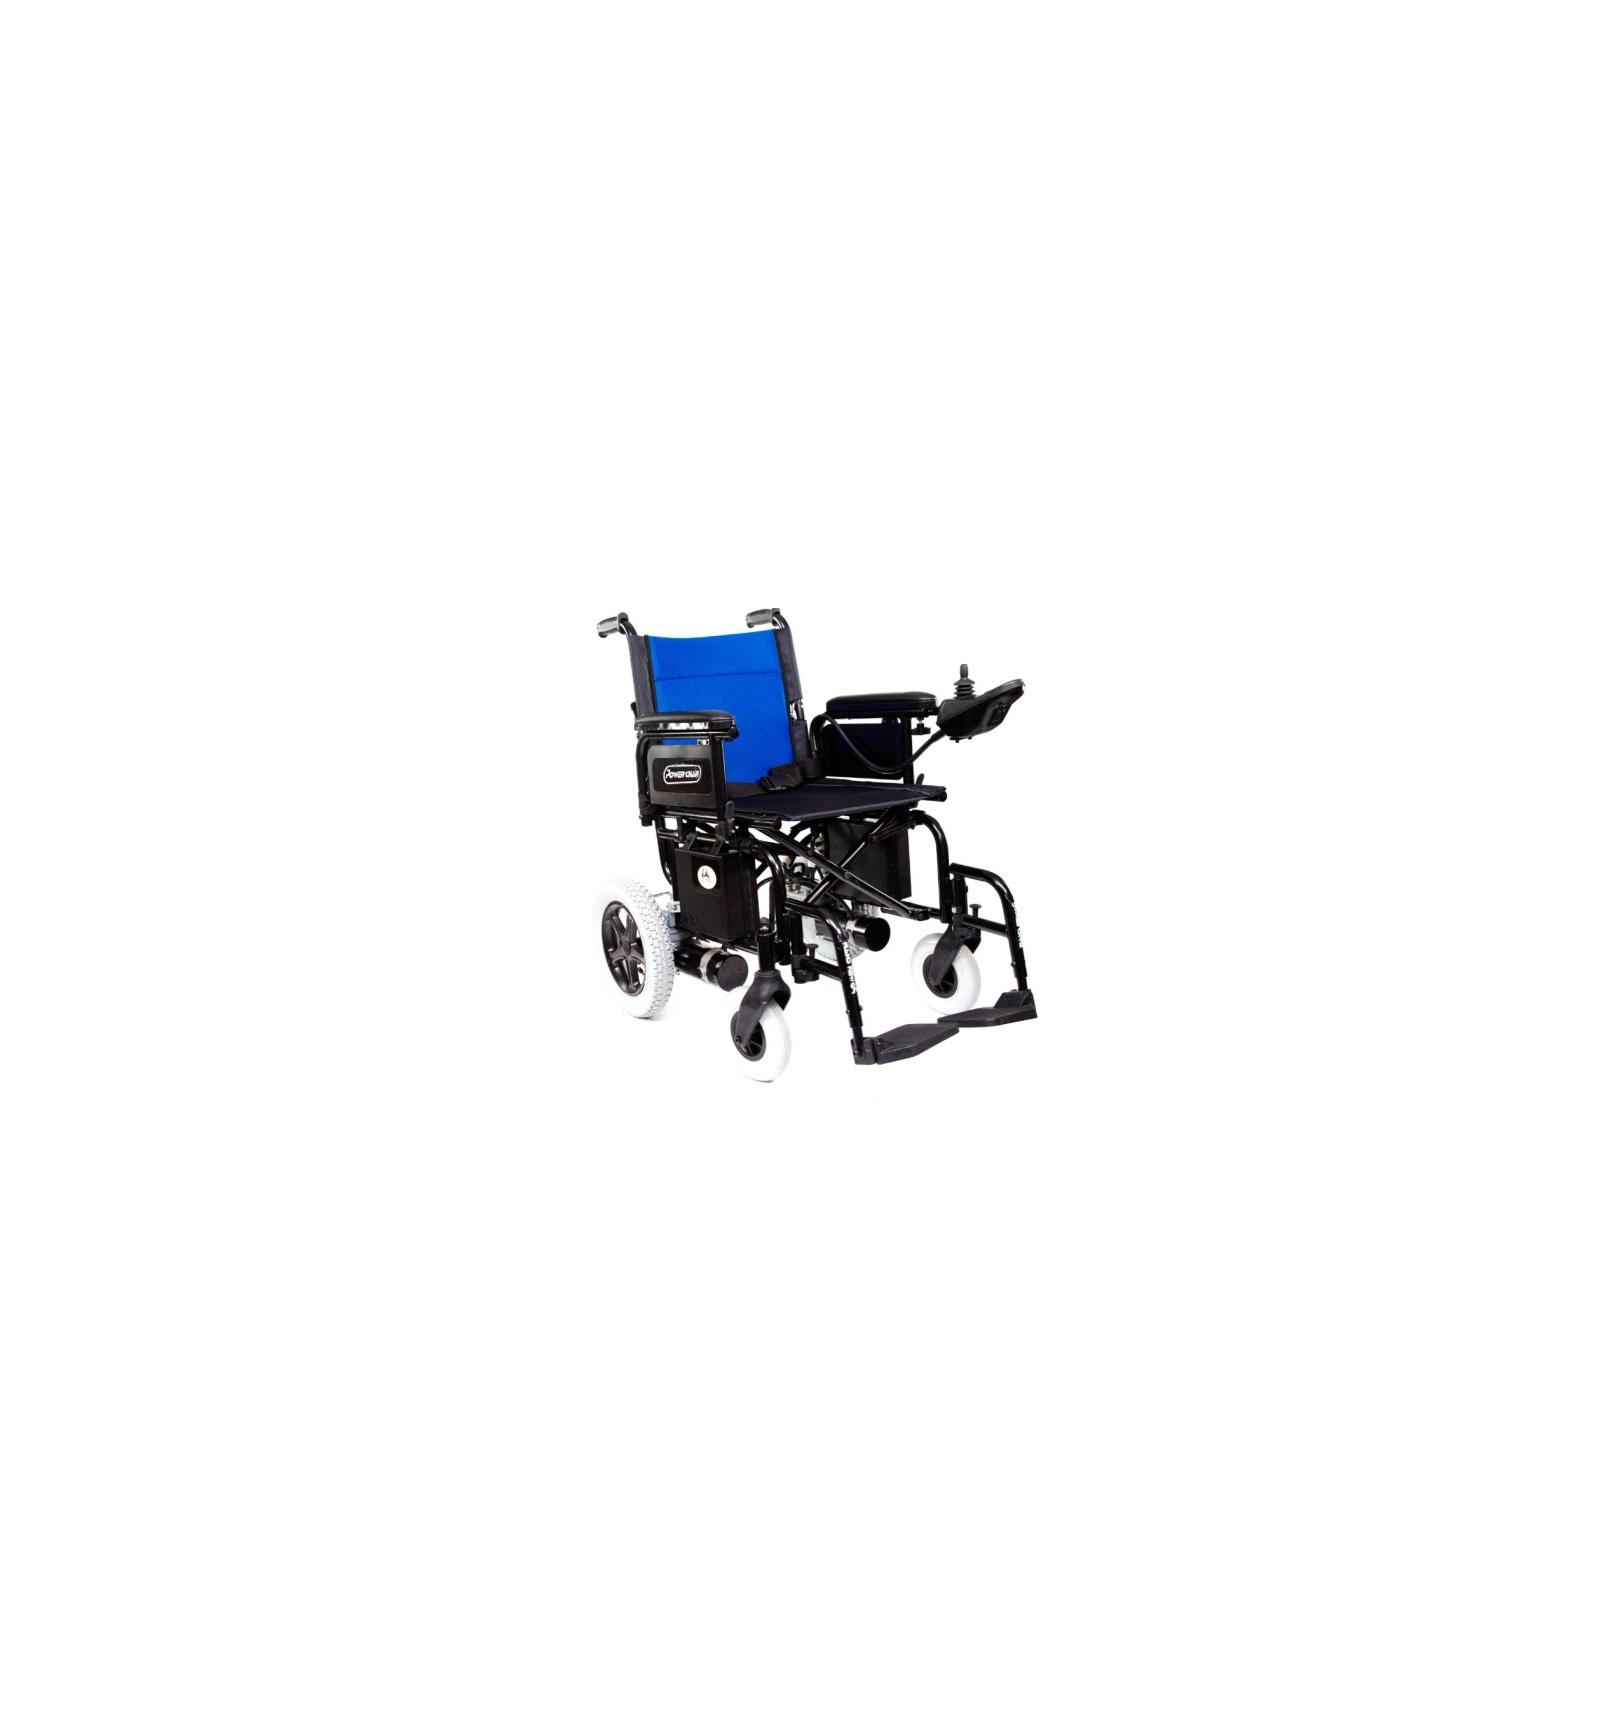 fauteuil lectrique roulant. Black Bedroom Furniture Sets. Home Design Ideas